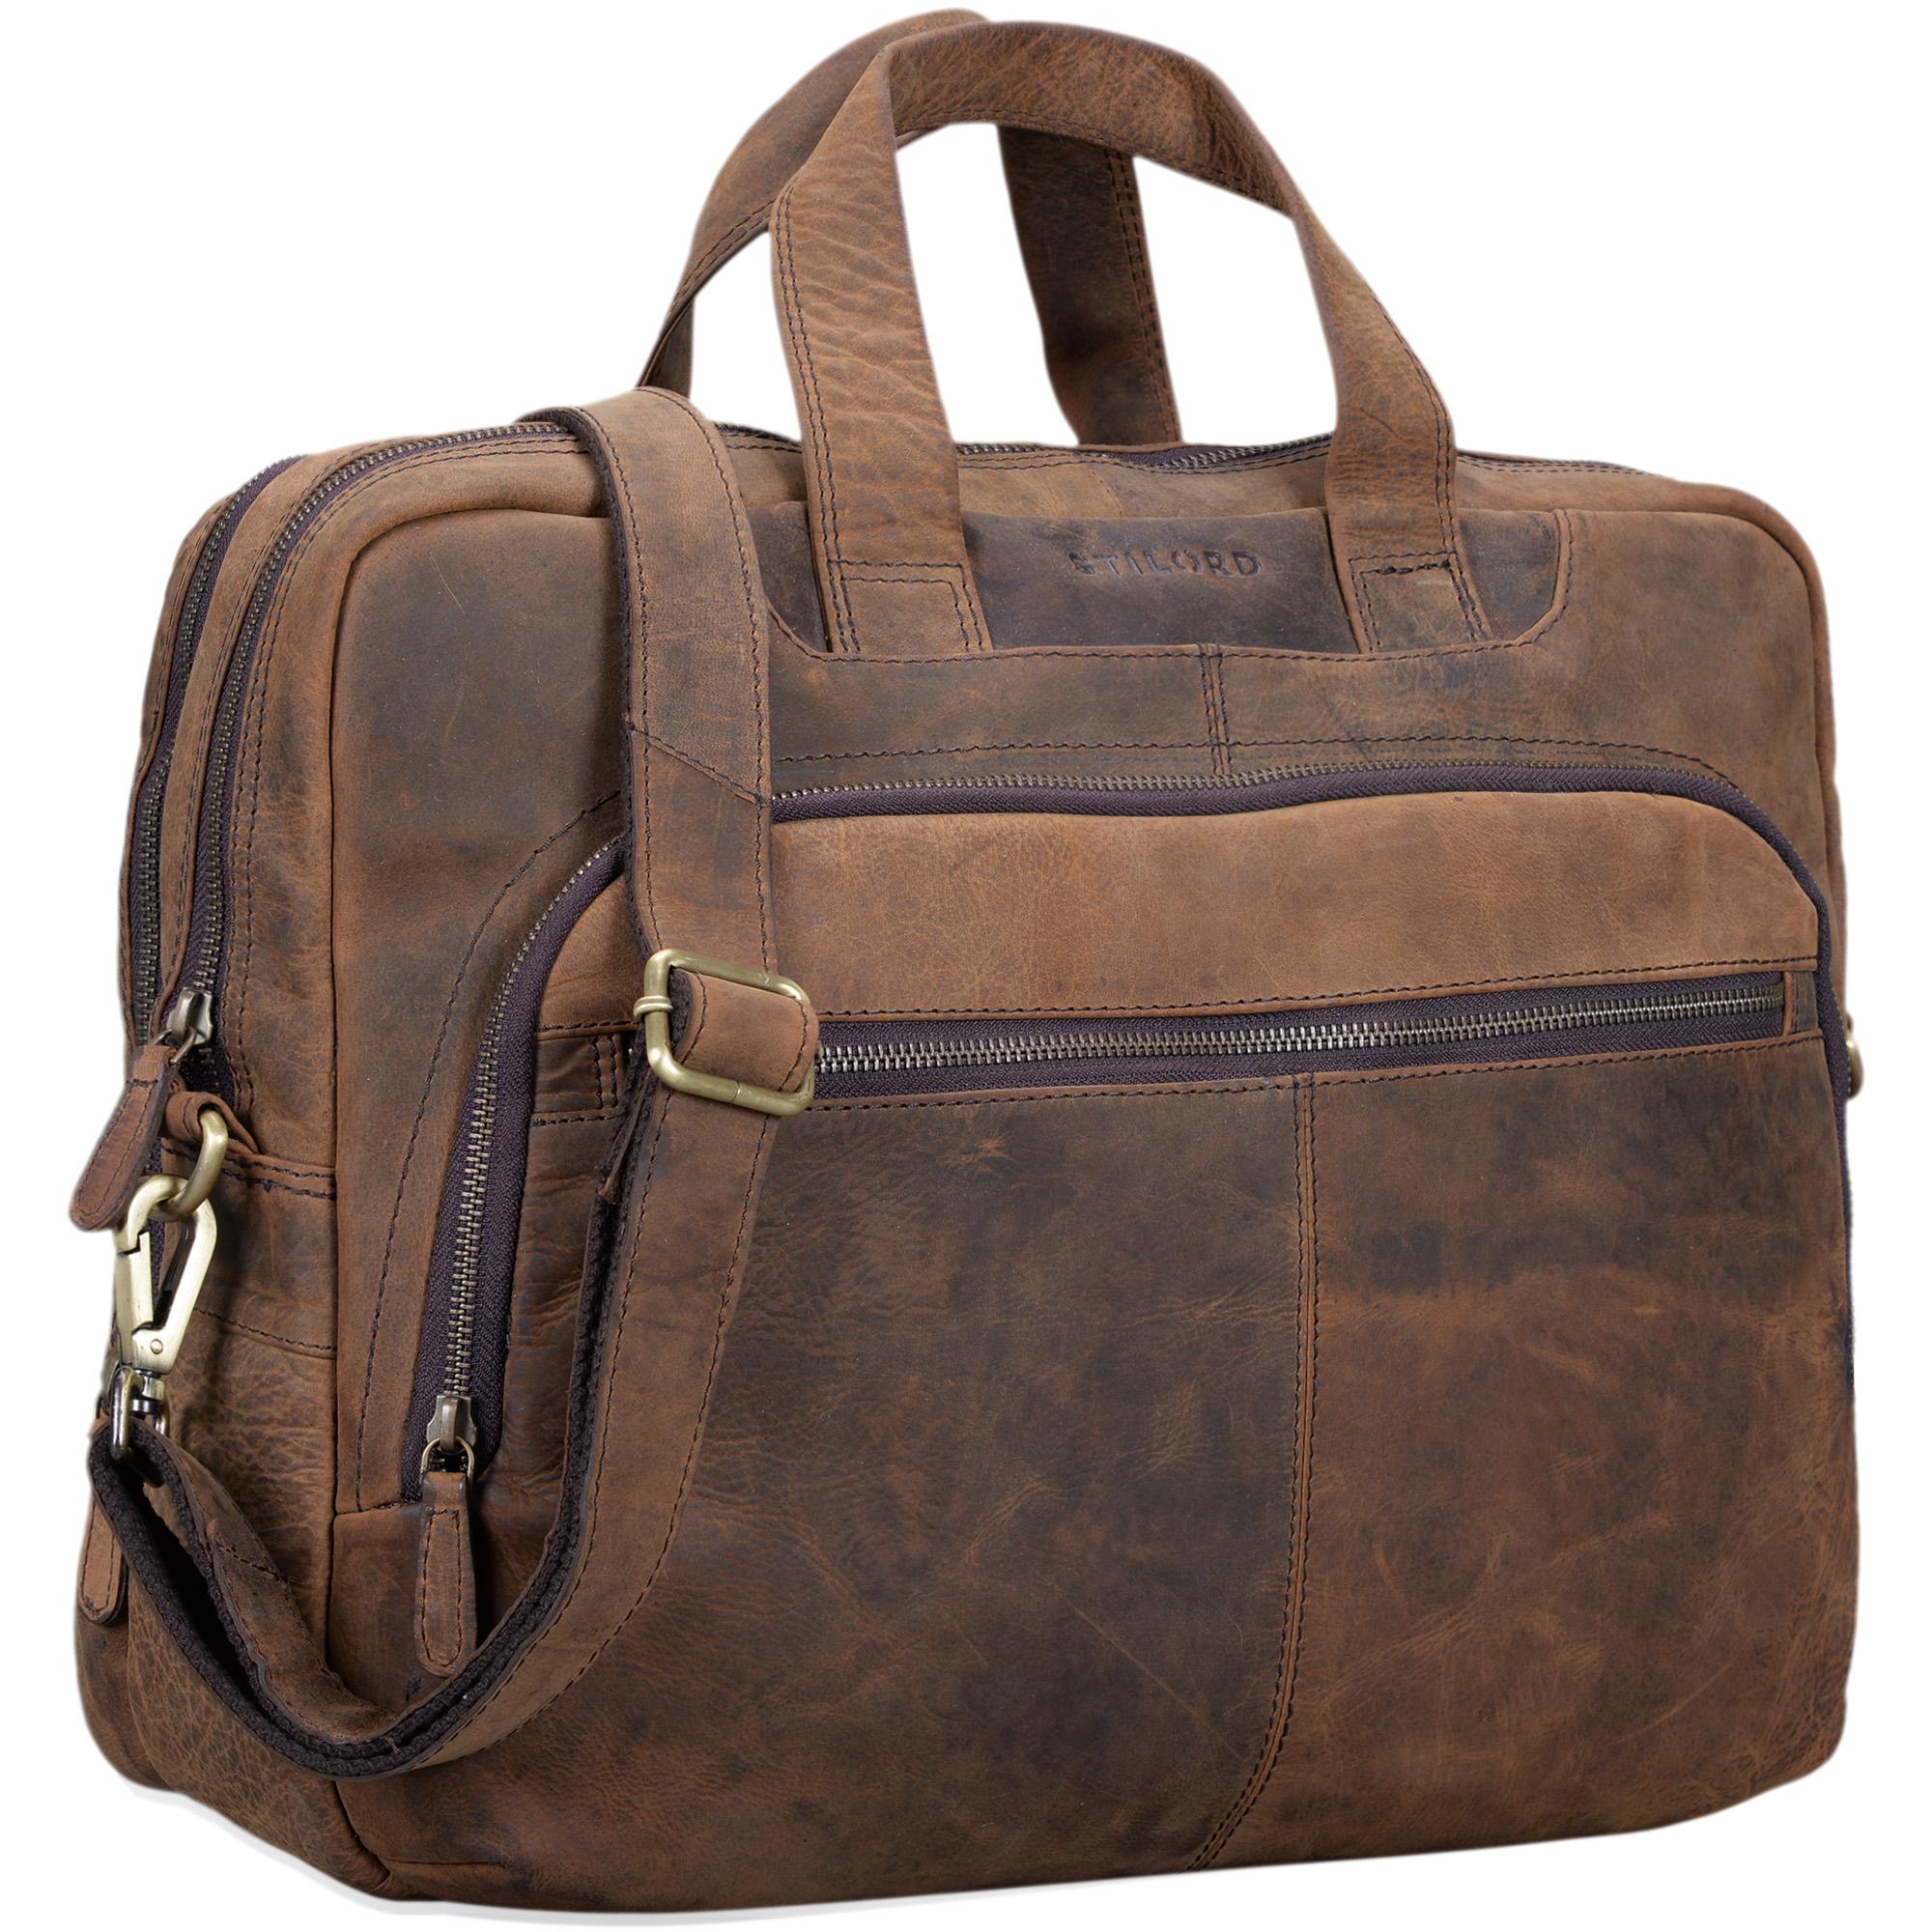 """STILORD """"Alan"""" Leder Umhängetasche groß Herren Damen Vintage 15,6 Zoll Laptoptasche XL Arbeitstasche Lehrertasche Arbeit Büro Uni echtes Leder  - Bild 10"""